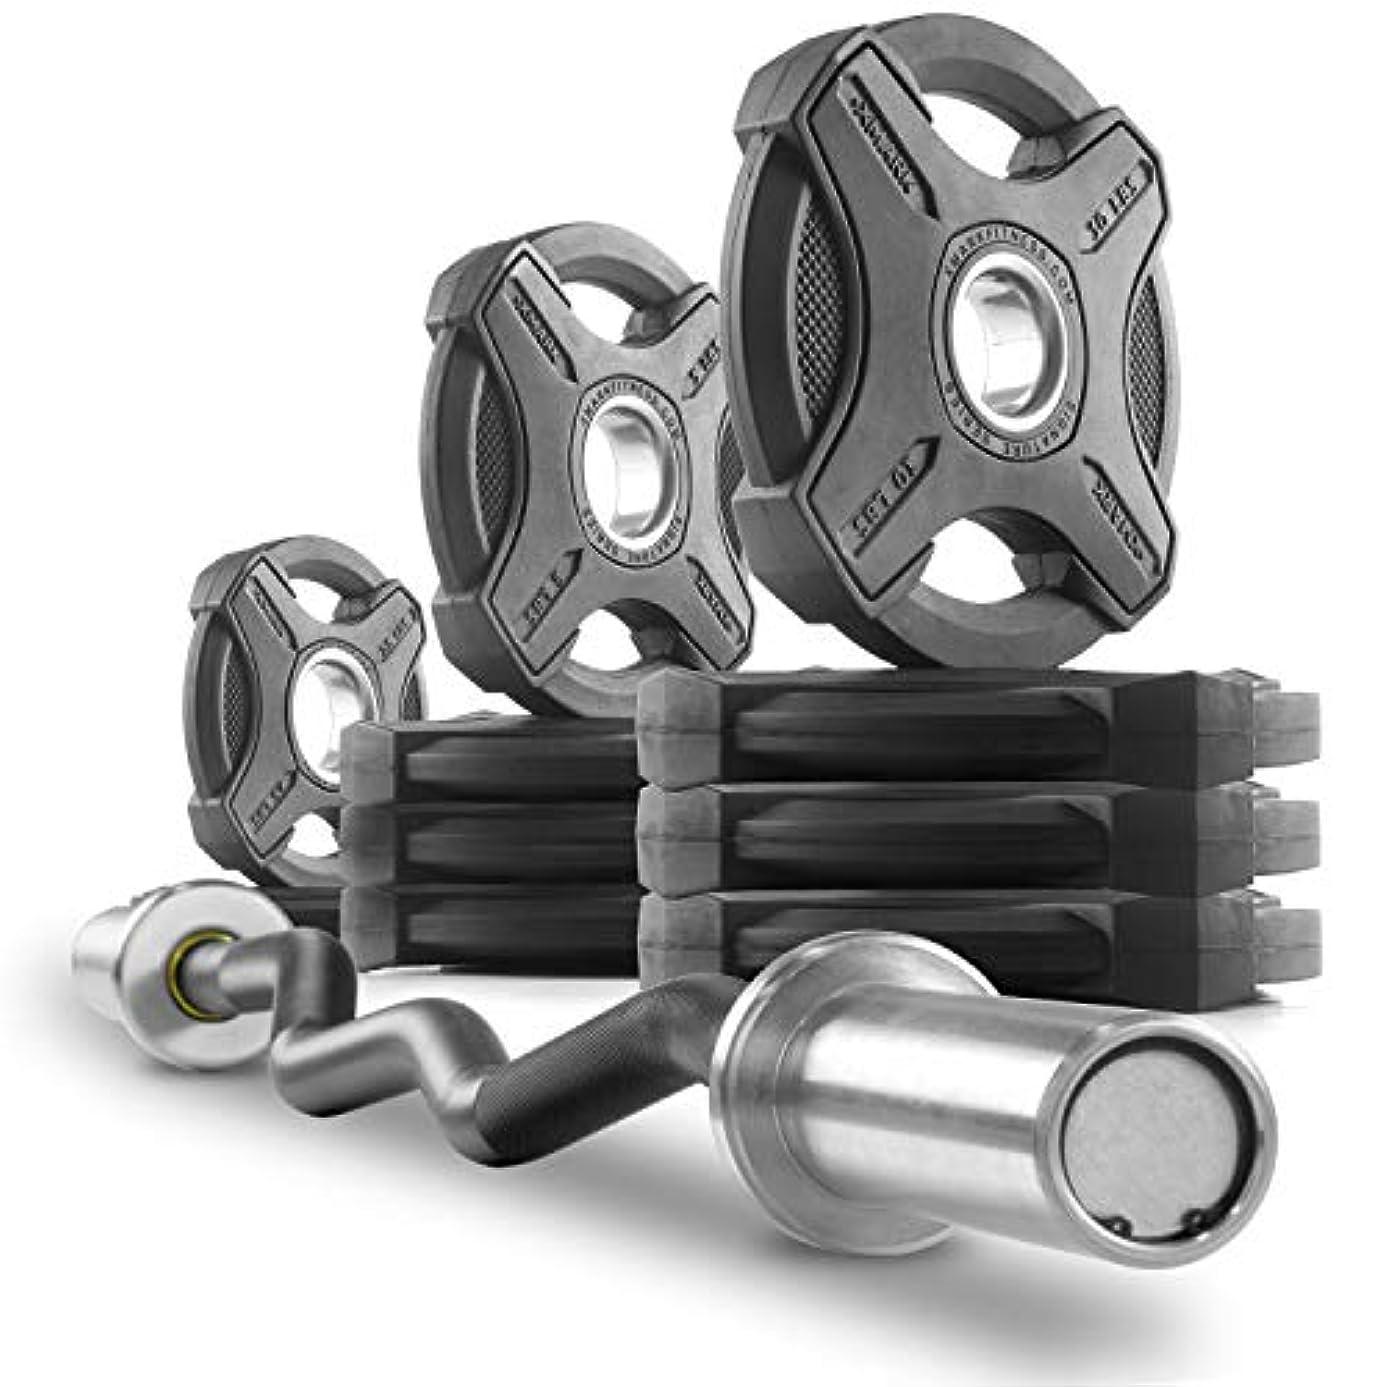 一節日没突き出すXMark商業28 mmグリップハードクロームオリンピックEZカールバーwith Mediumローレット、スナップリングロックSytem、真鍮ブッシュ、400 lb。WGT。容量(シャフトAvailable inクロムまたはブラックマンガンPhosphate )